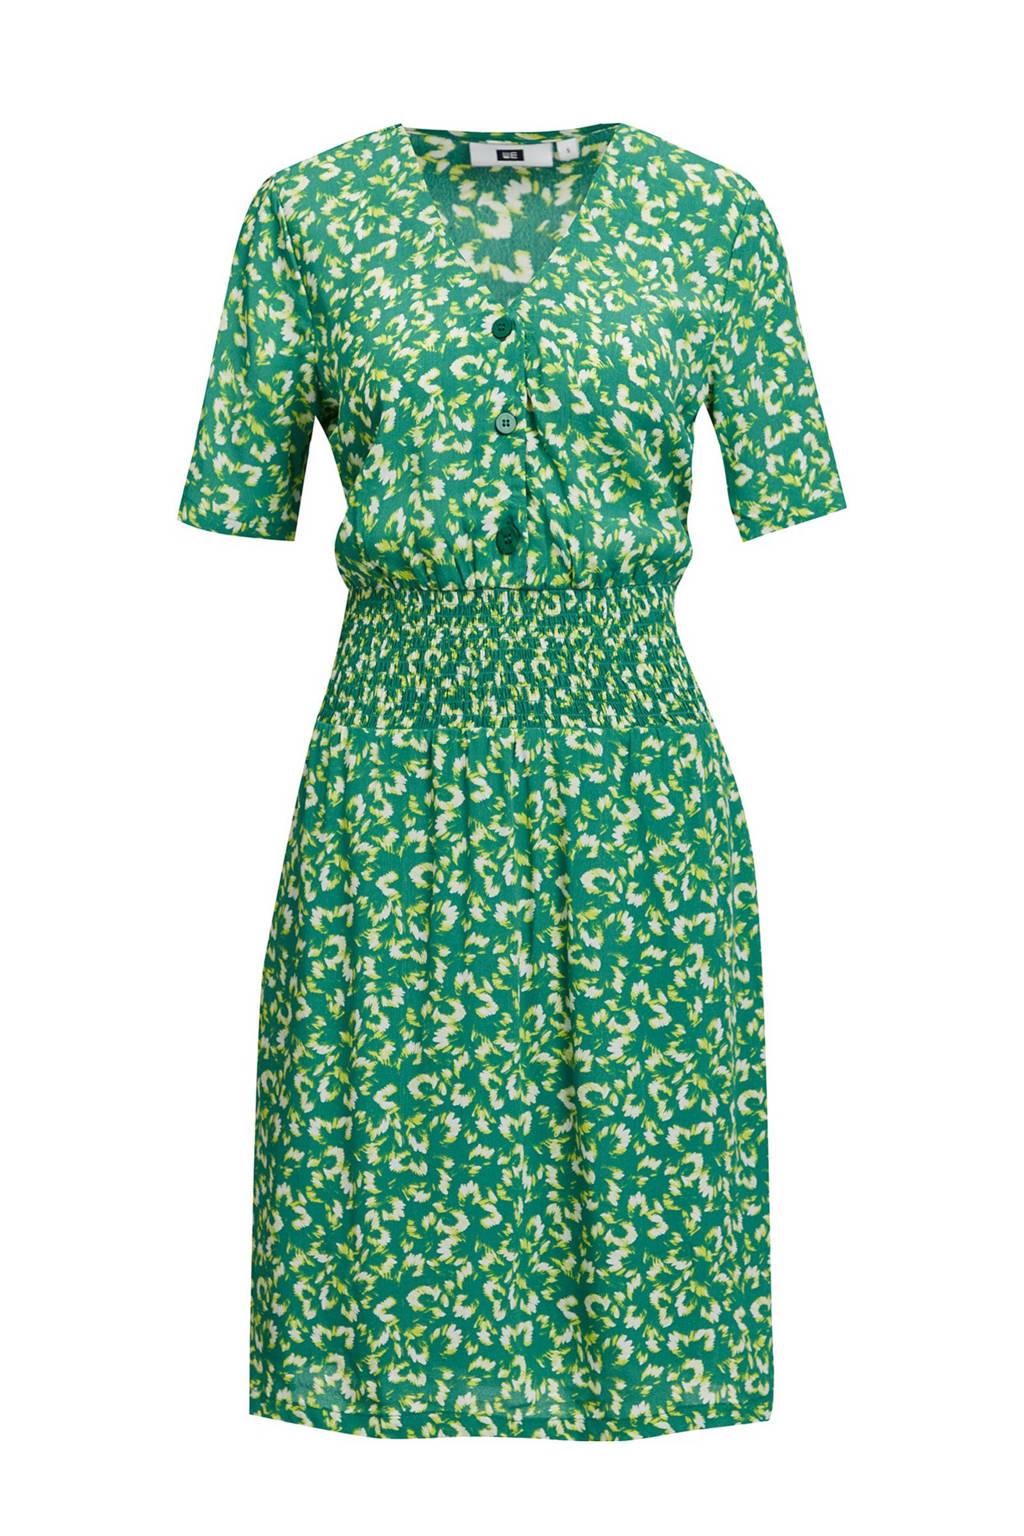 WE Fashion jurk met all over print groen, Groen